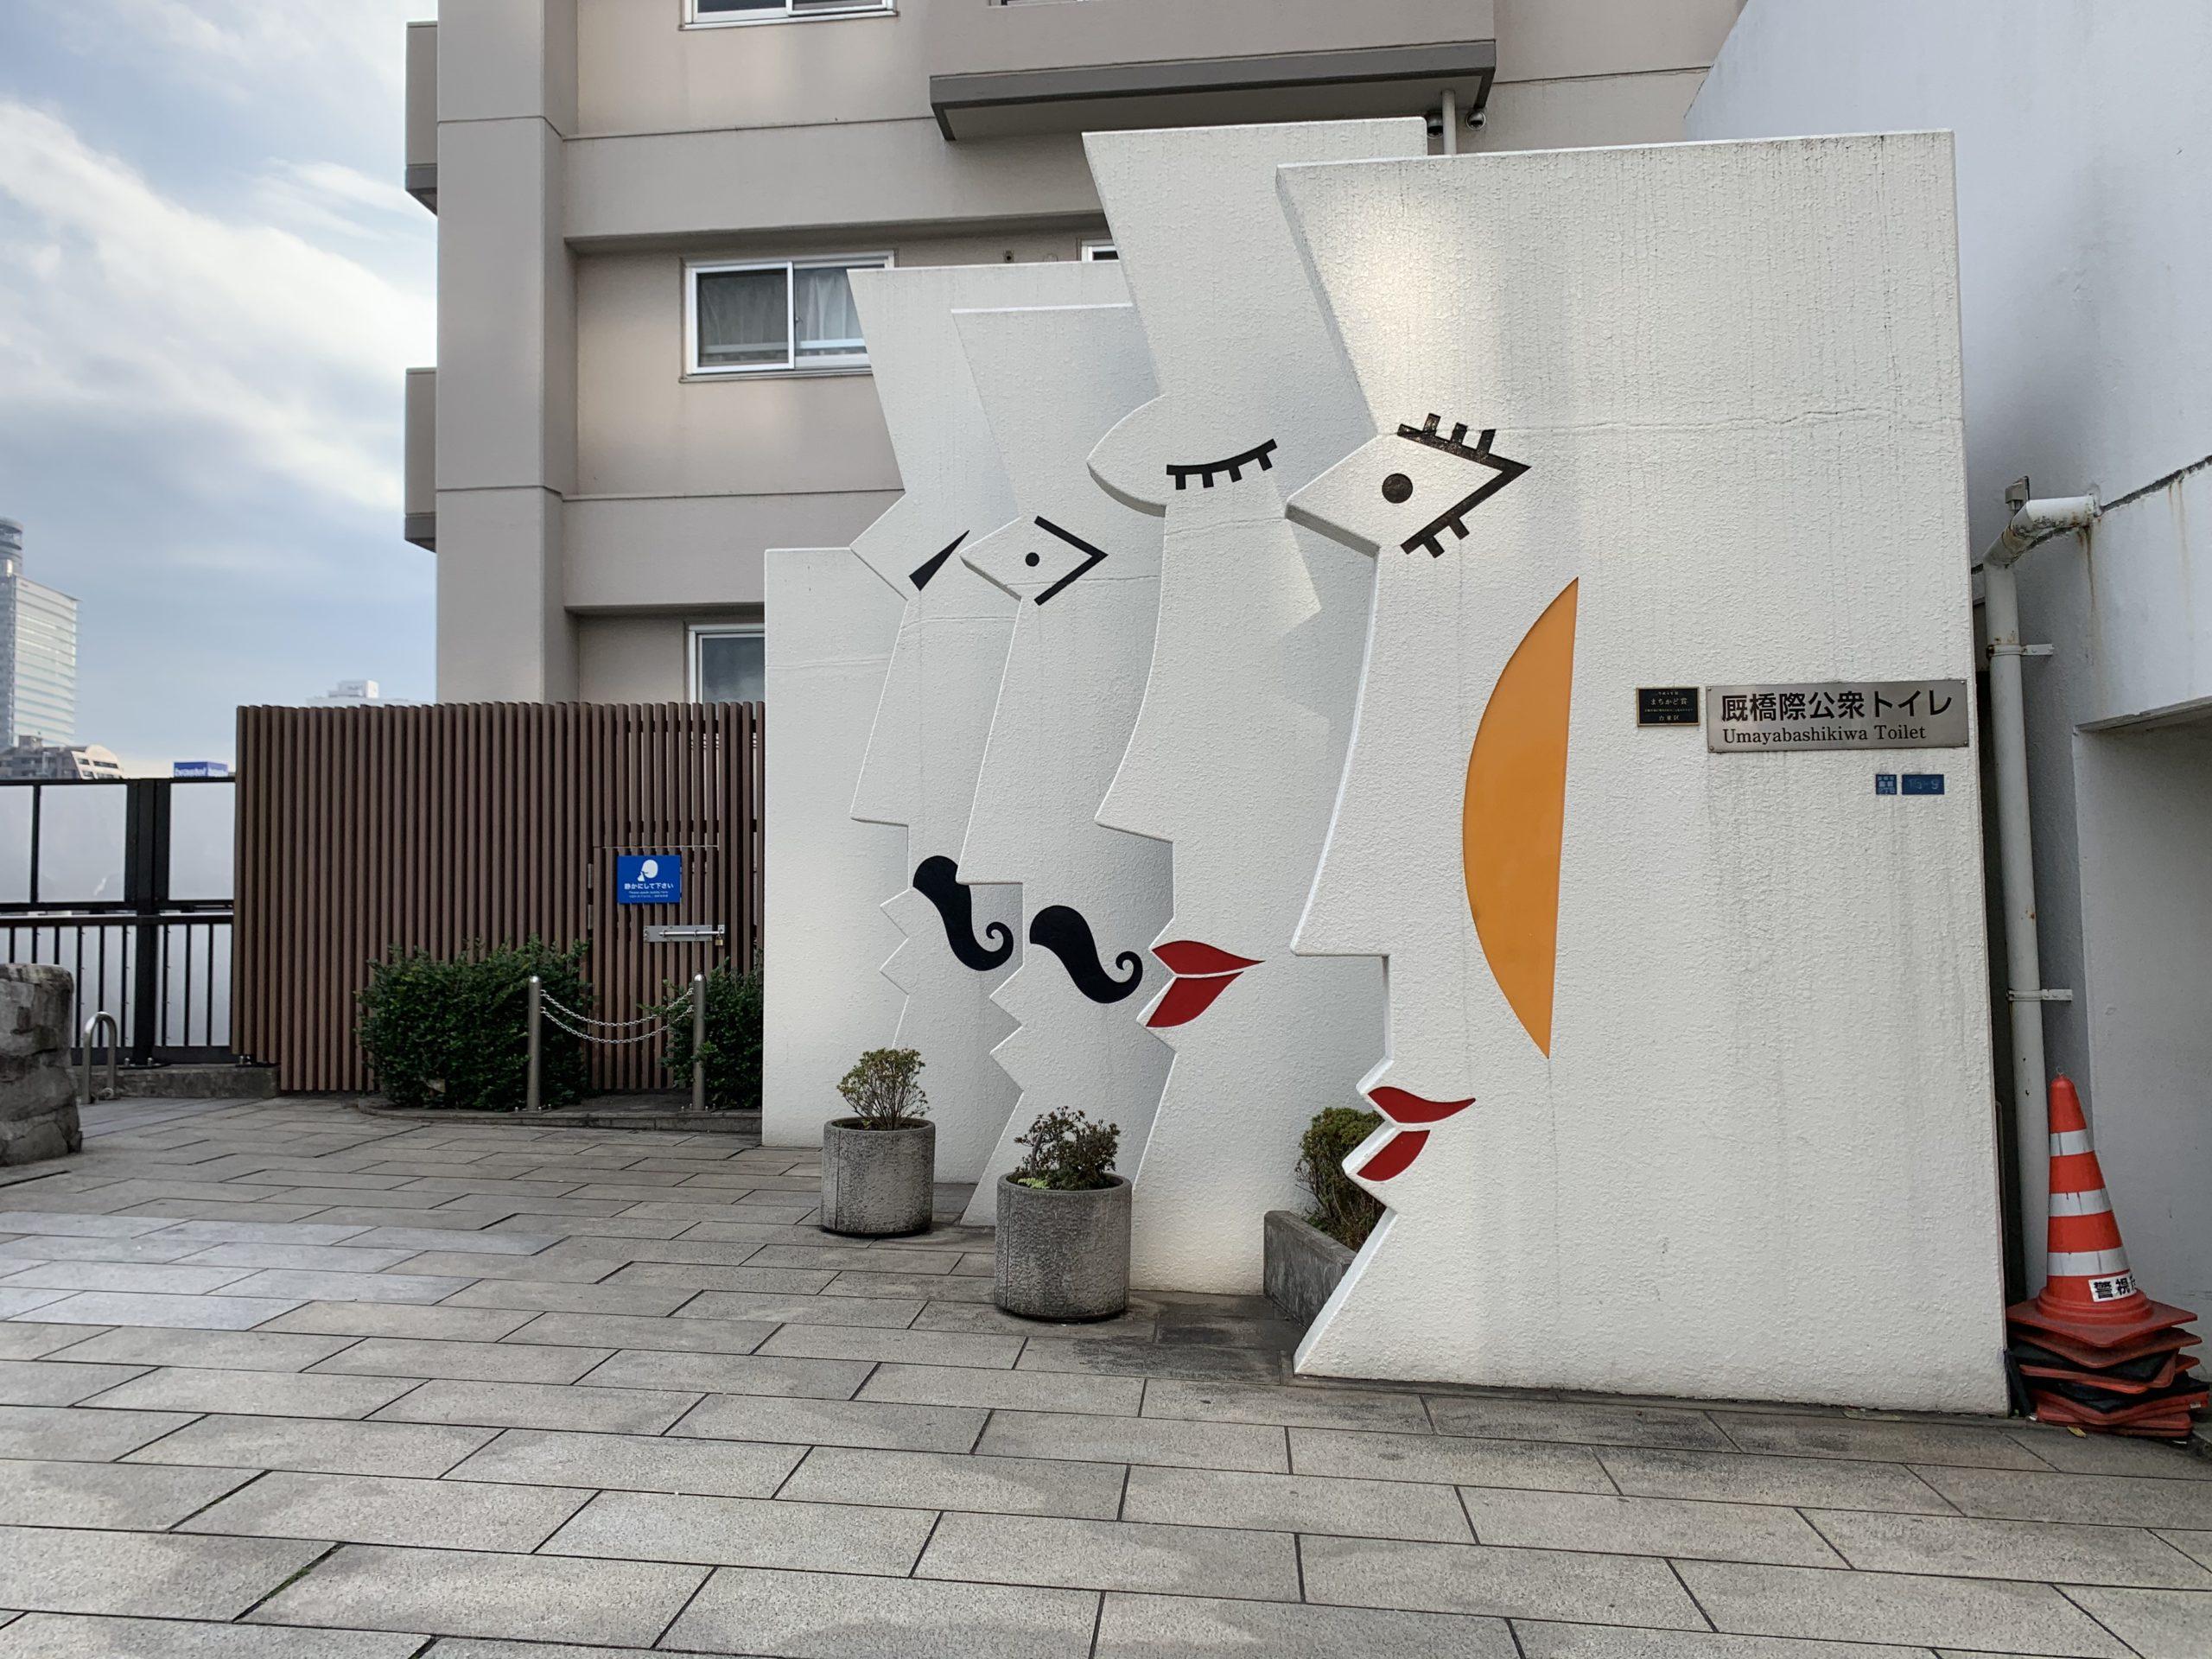 厩橋アートトイレ